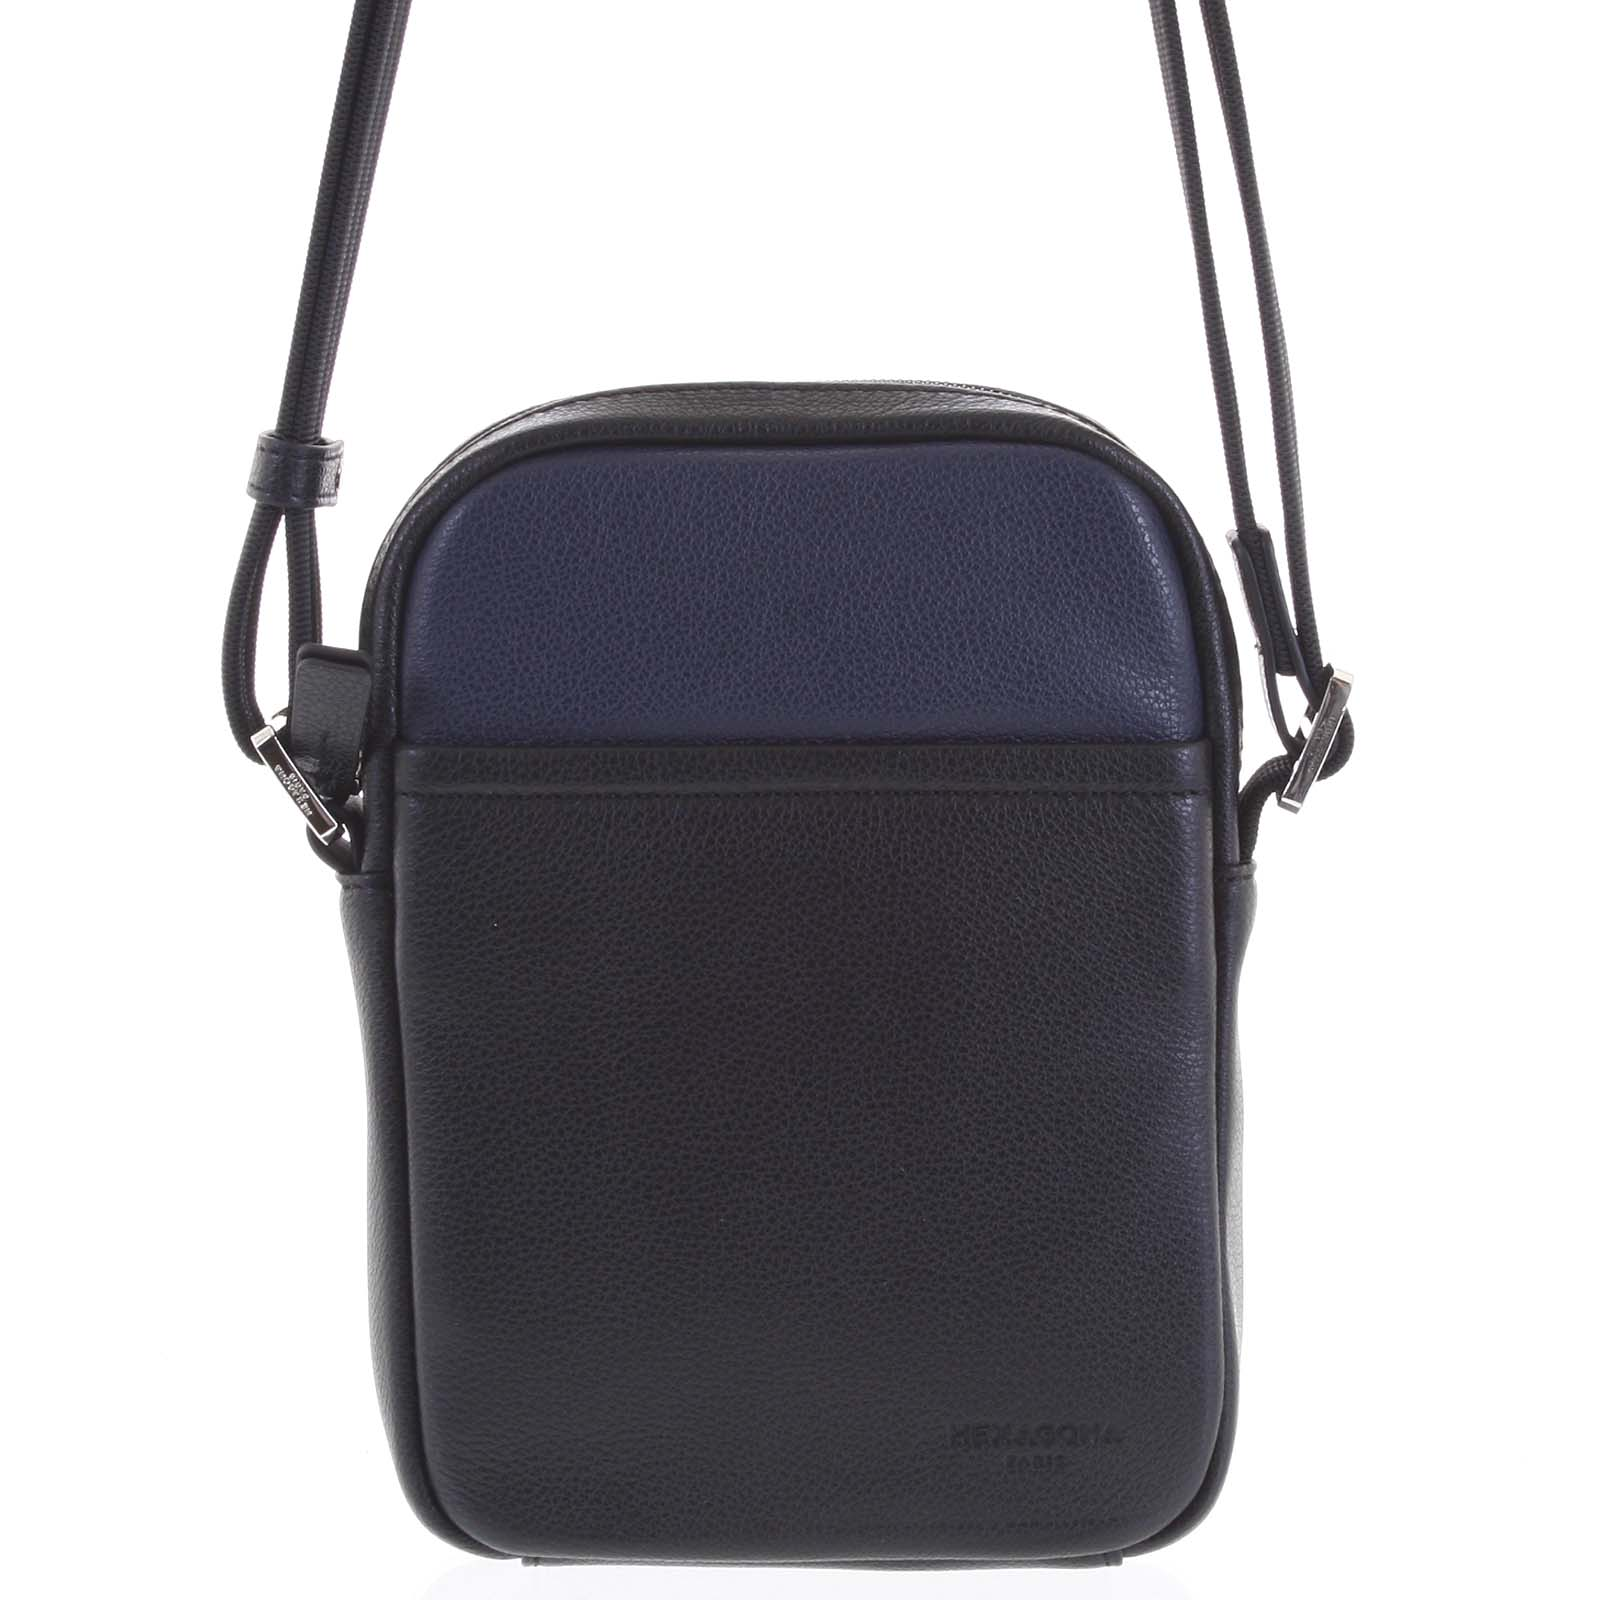 Pánská kožená taška na doklady modrá - Hexagona Yesterday